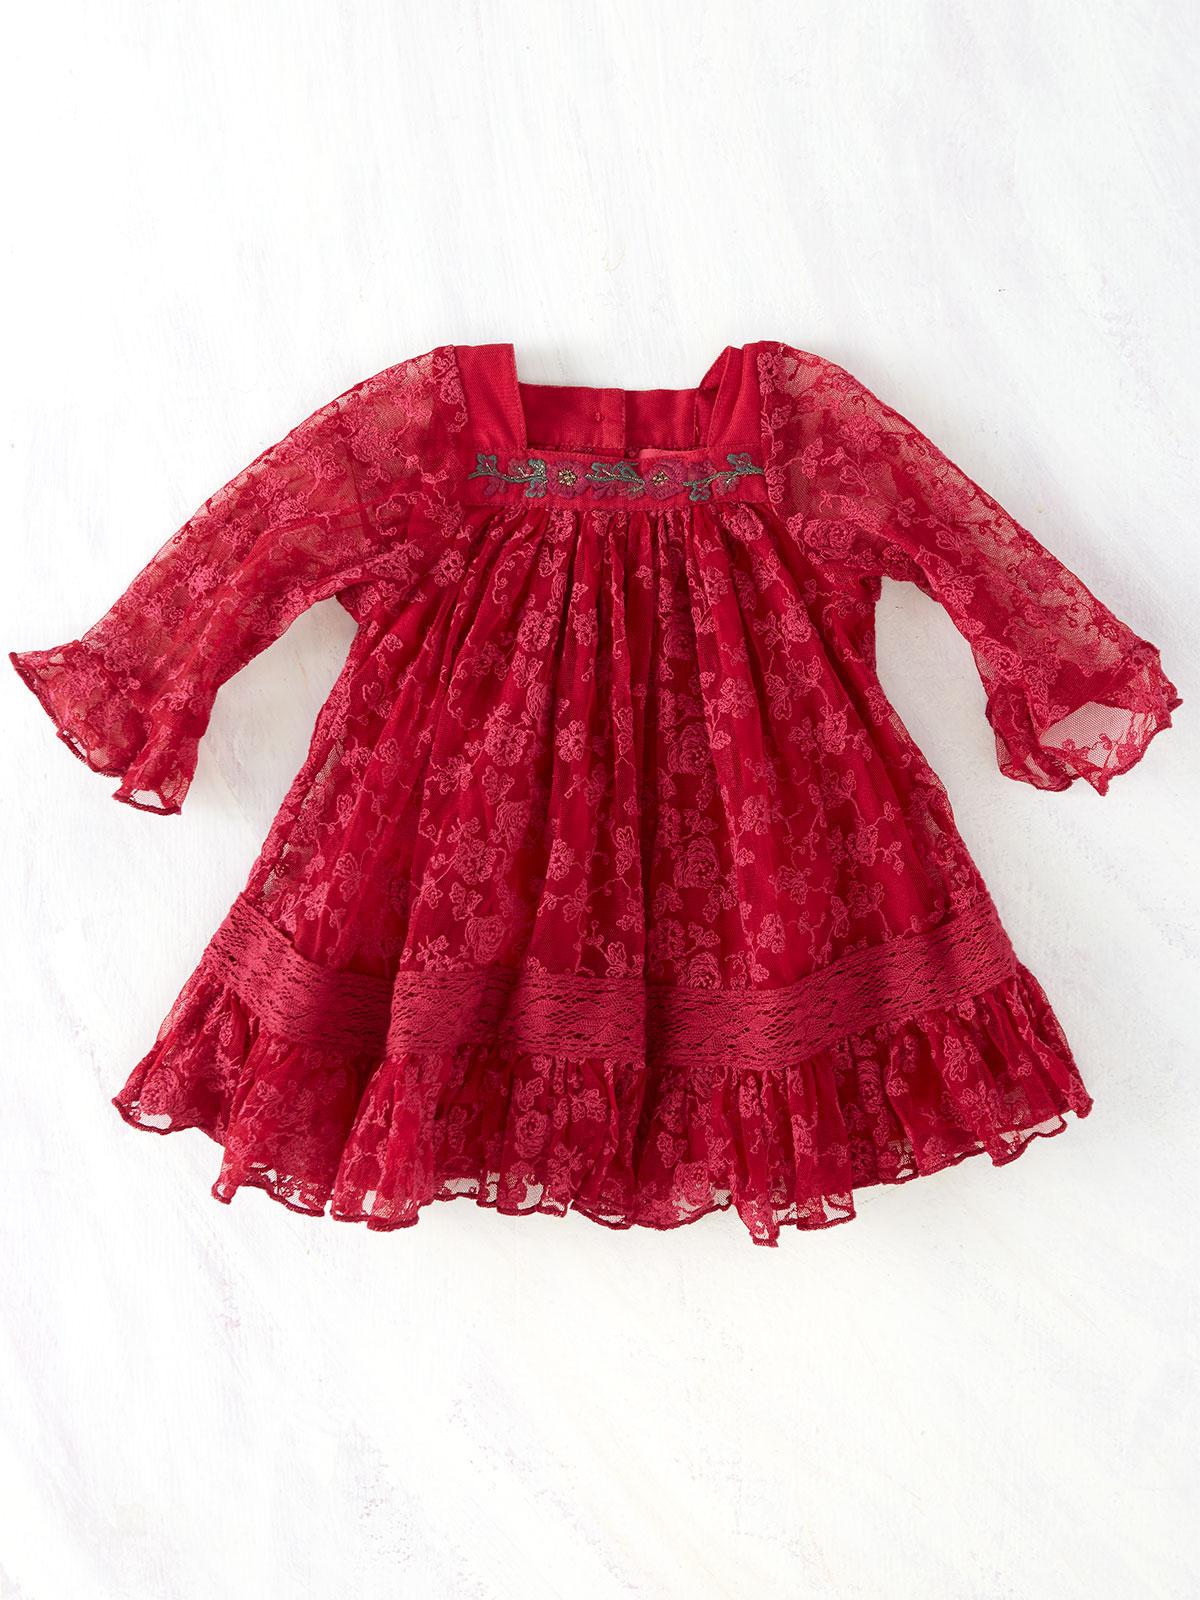 Sugarplum Baby Dress